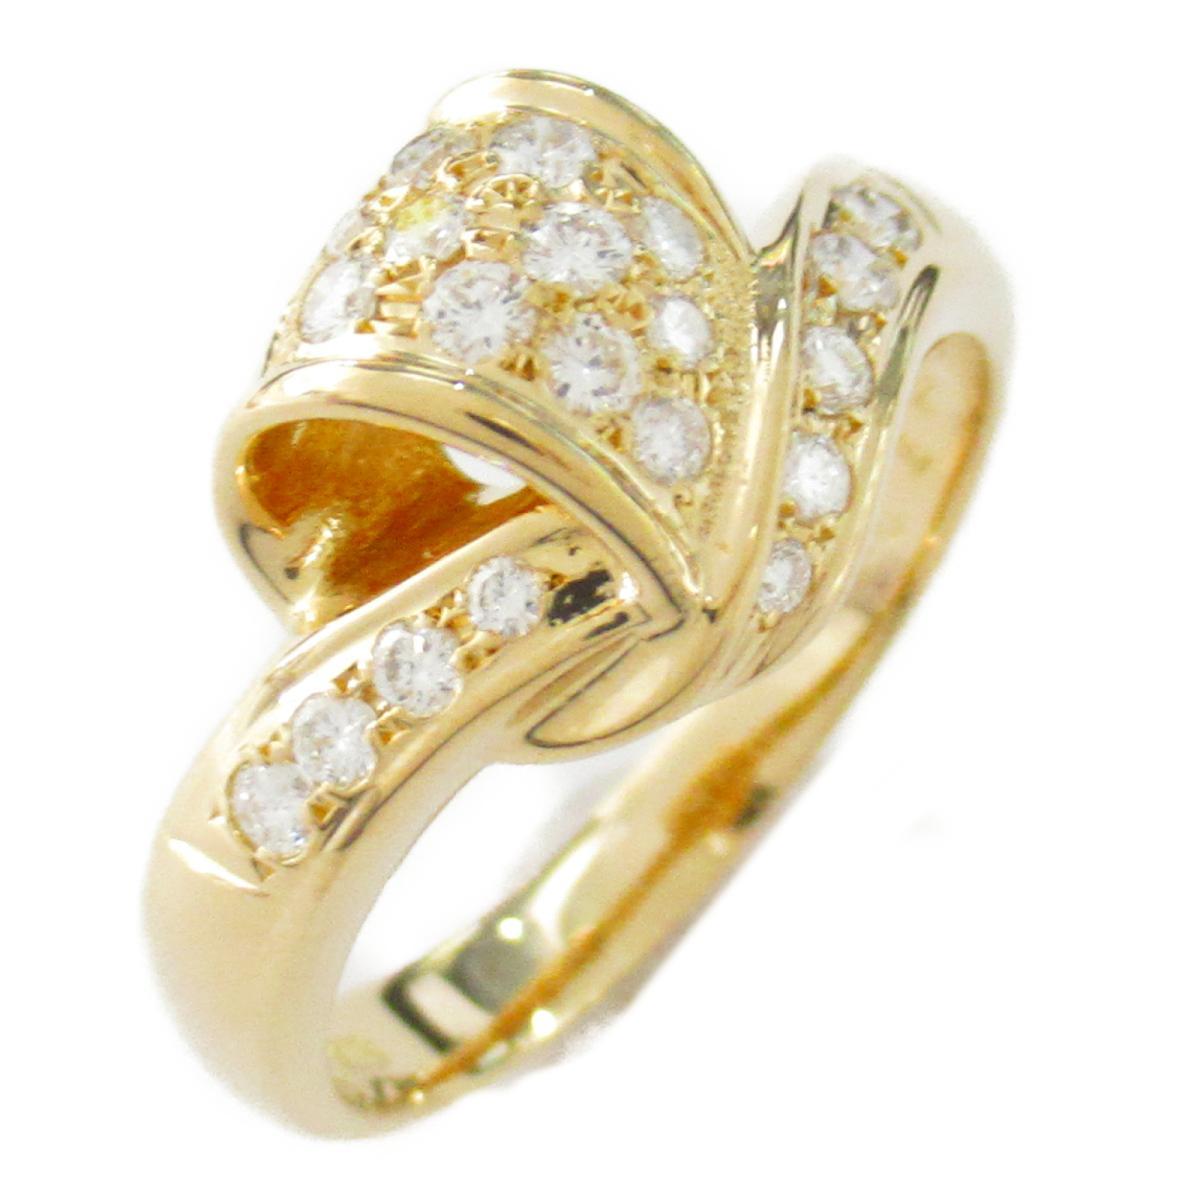 【中古】 ジュエリー ダイヤモンド リング 指輪 レディース K18YG (750) イエローゴールド ダイヤモンド0.32ct | JEWELRY BRANDOFF ブランドオフ ブランド アクセサリー